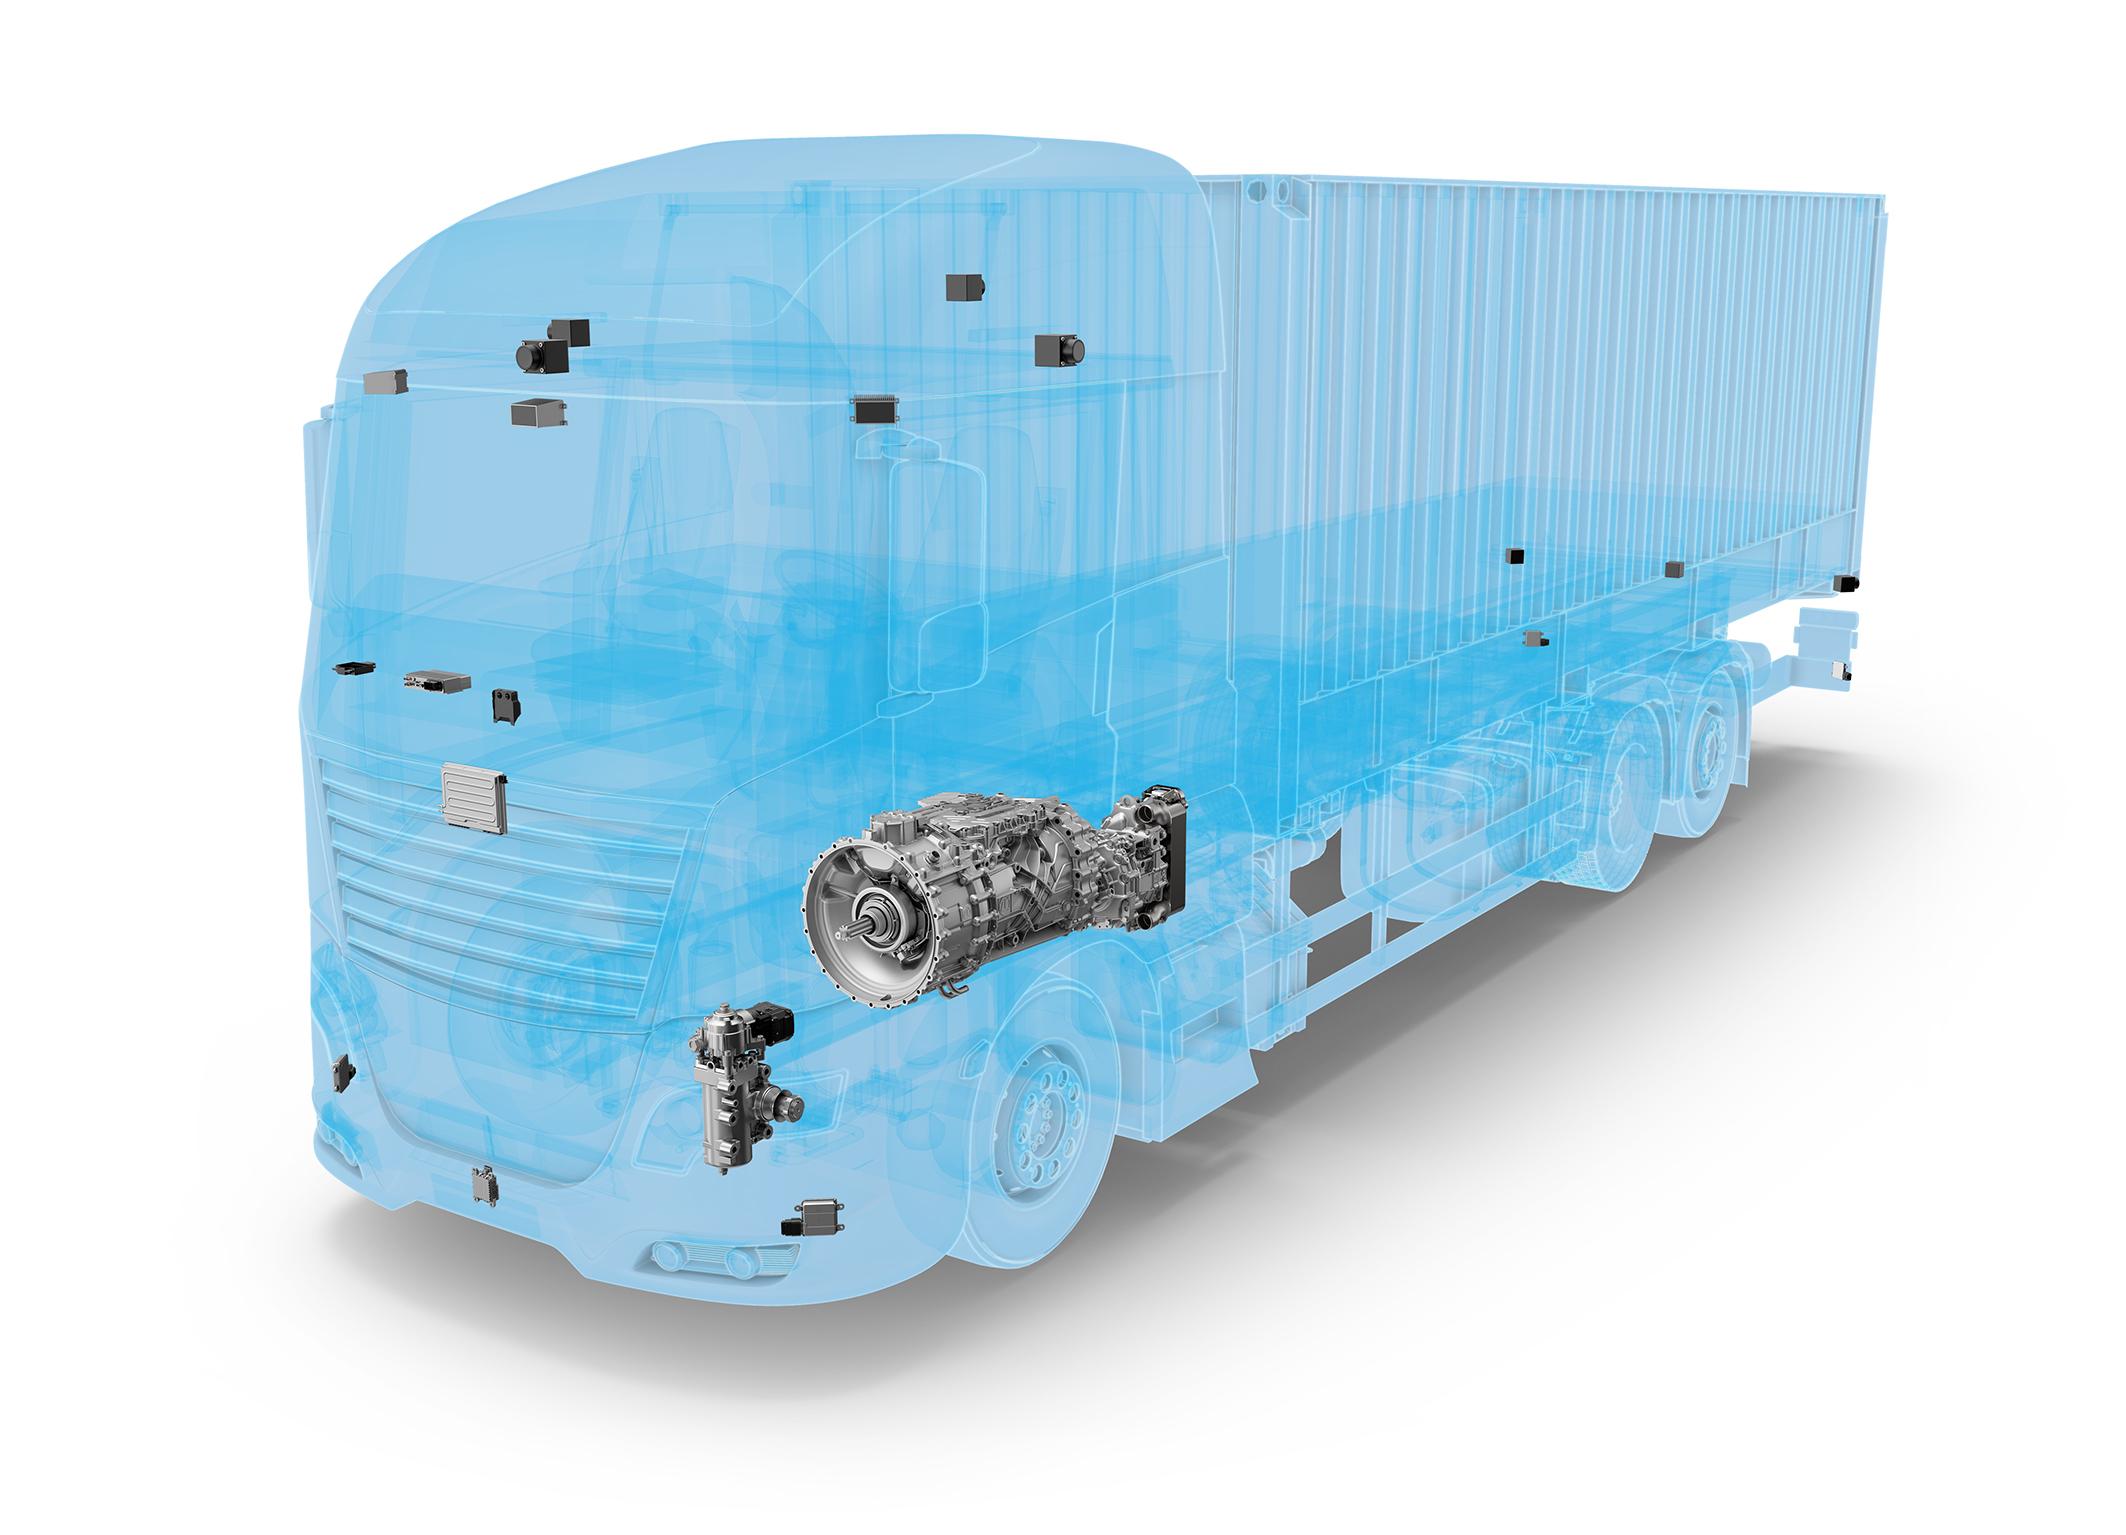 Intelligente Logistik dank ZF-Systemen: Im ZF Innovation Truck fungiert der Zentralcomputer ZF ProAI als Gehirn, andere ZF-Produkte machen ihn handlungsfähig, etwa die aktive elektrohydraulische Nutzfahrzeuglenkung ReAX und das automatische Getriebesystem TraXon Hybrid.